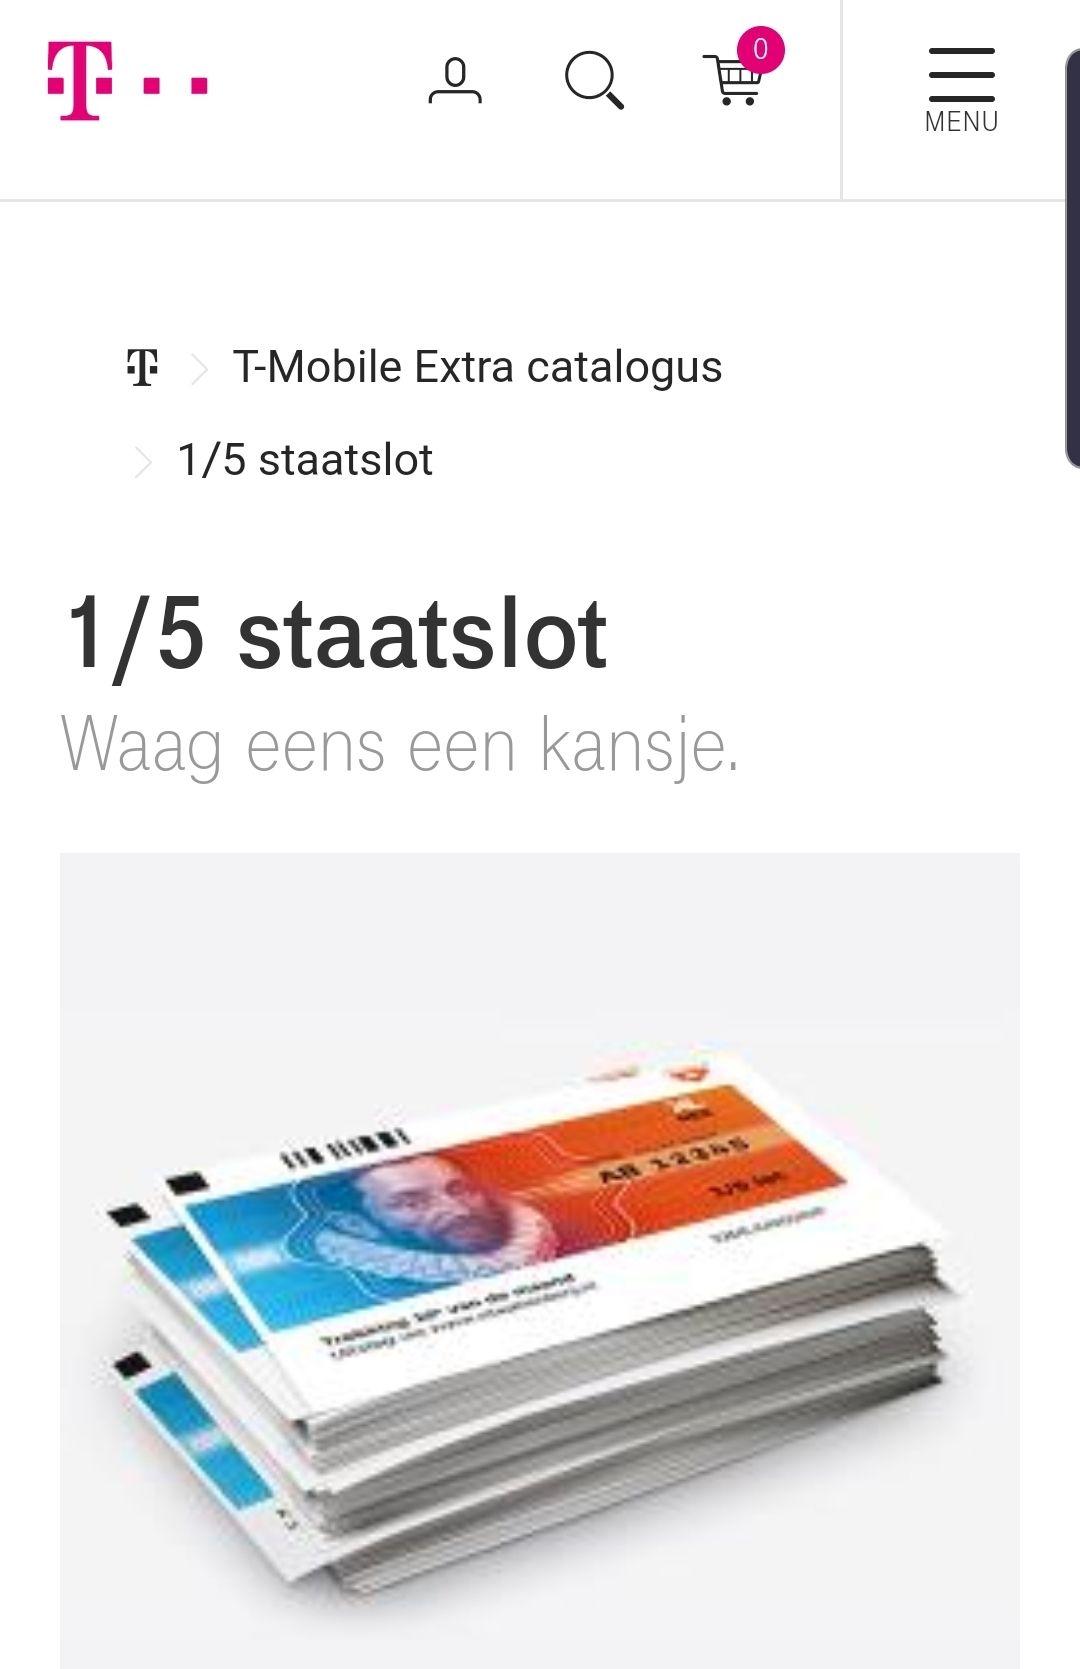 1/5 staatslot voor 355 my t-mobile punten